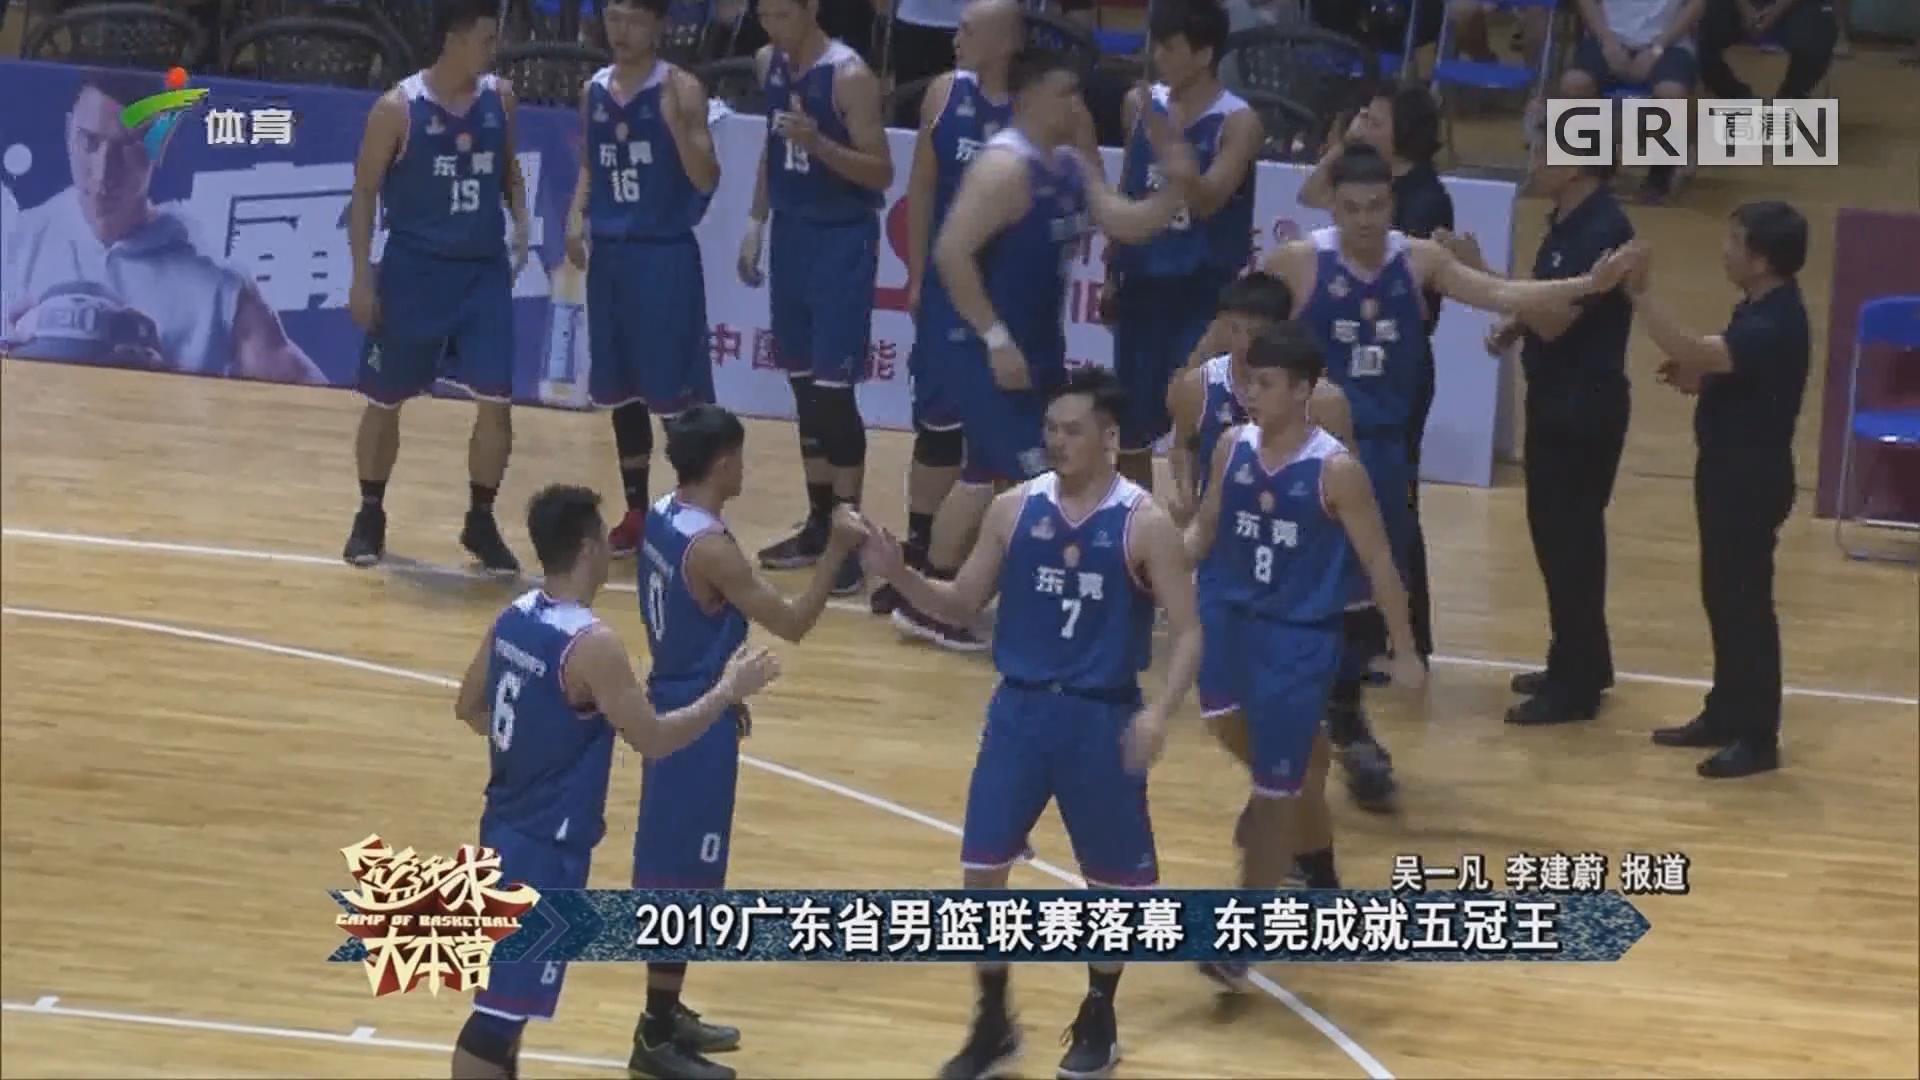 2019广东省男篮联赛落幕 东莞成就五冠王